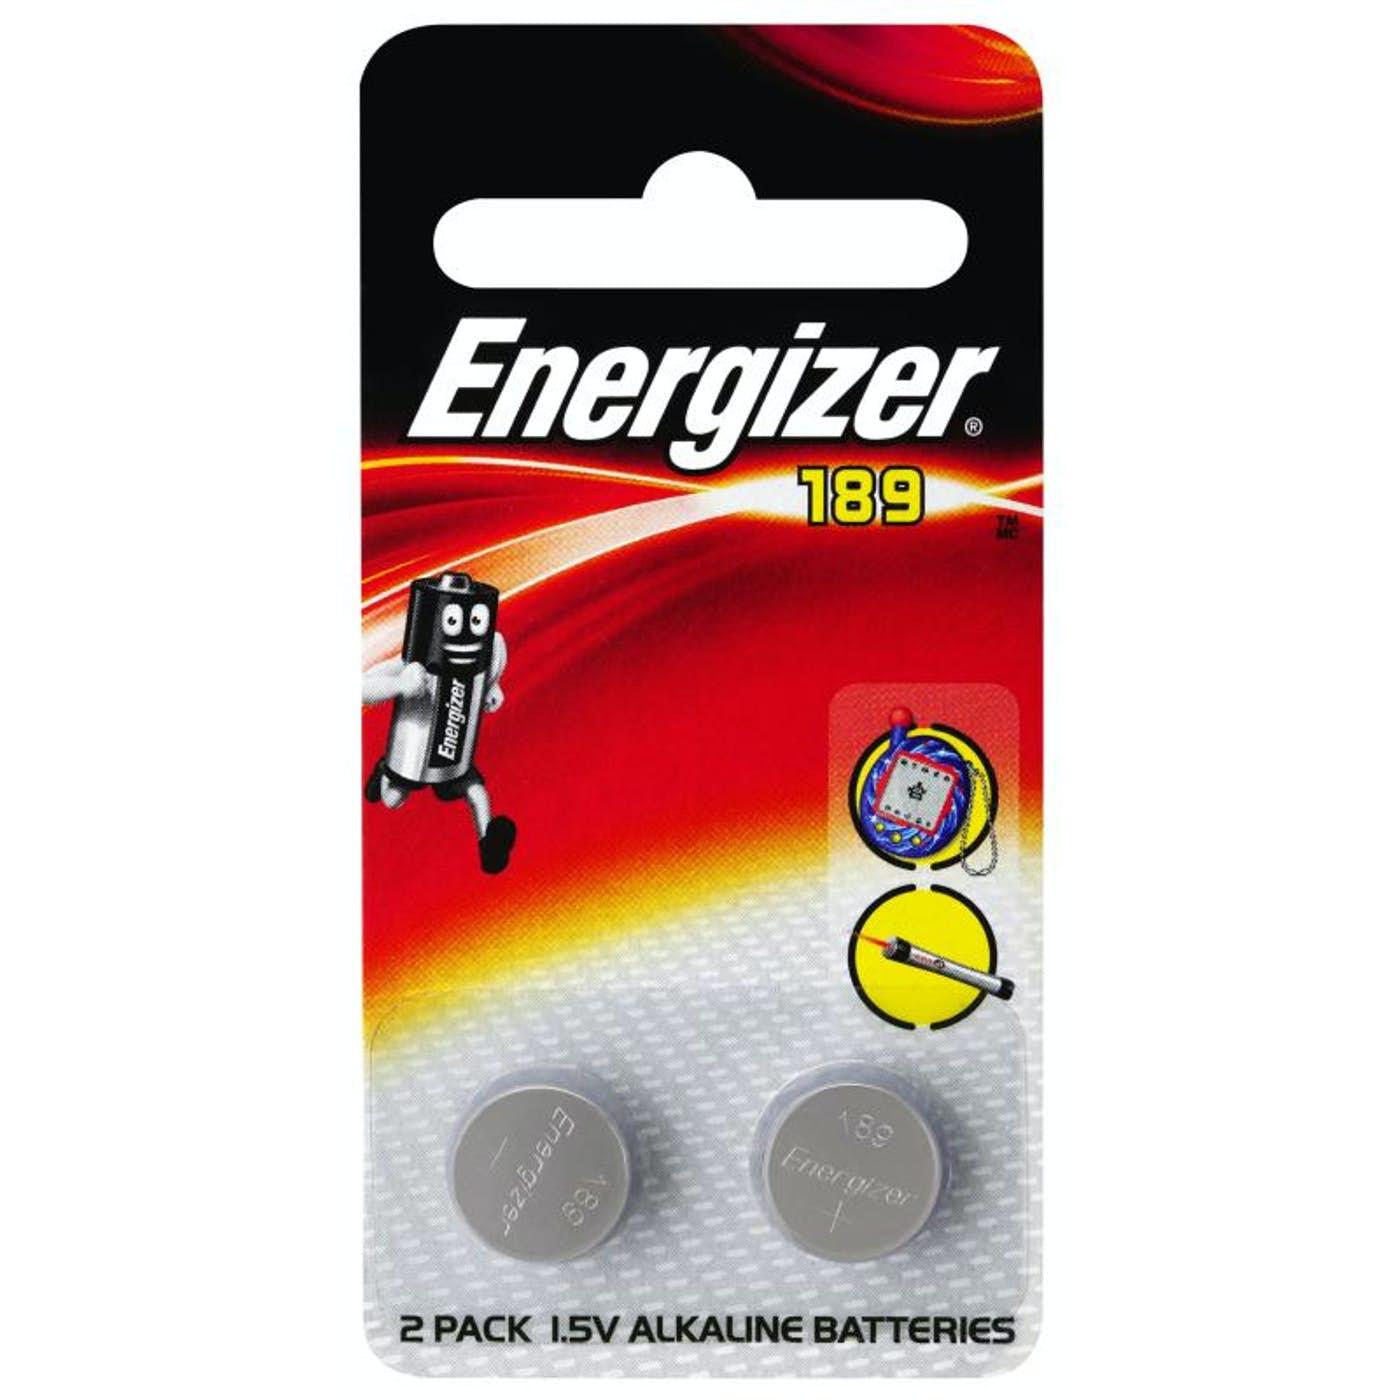 ENERGIZER 189 CALCULATOR BUTTON BATTERY  PKT 2